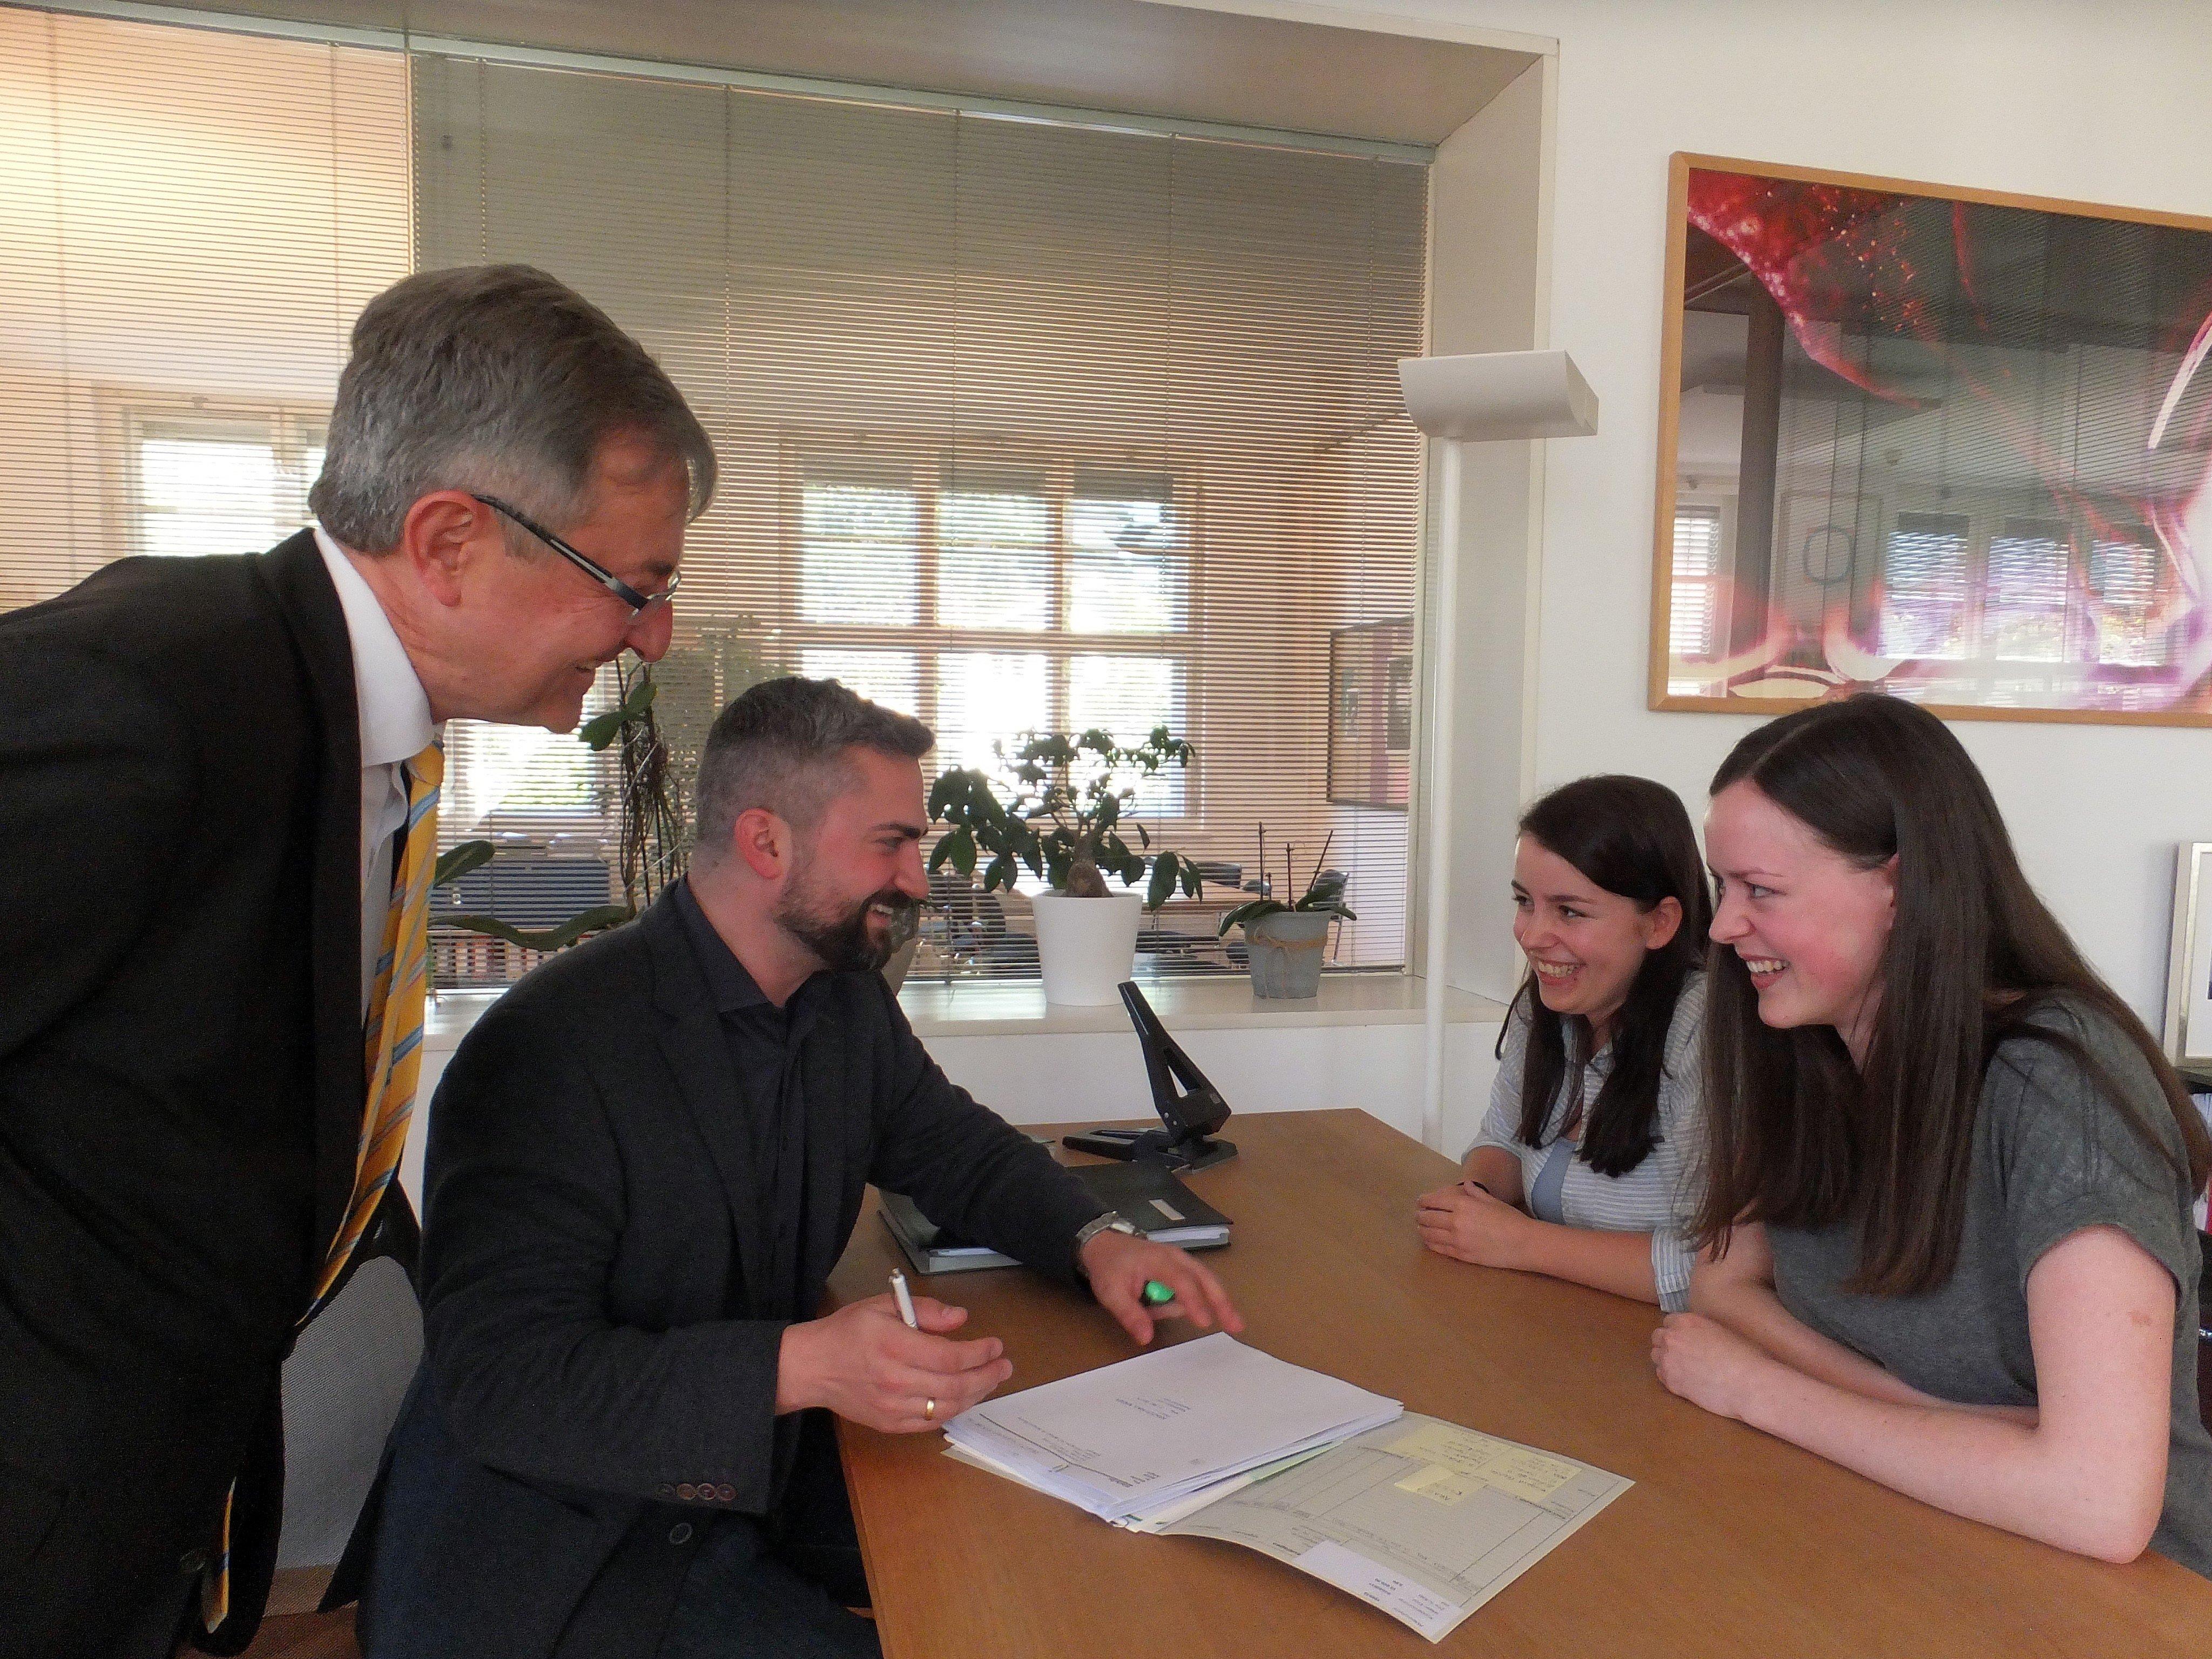 Chiara und Valentina erhalten bei den Anwälten Helmuth und Robert Mäser eine fundierte Ausbildung